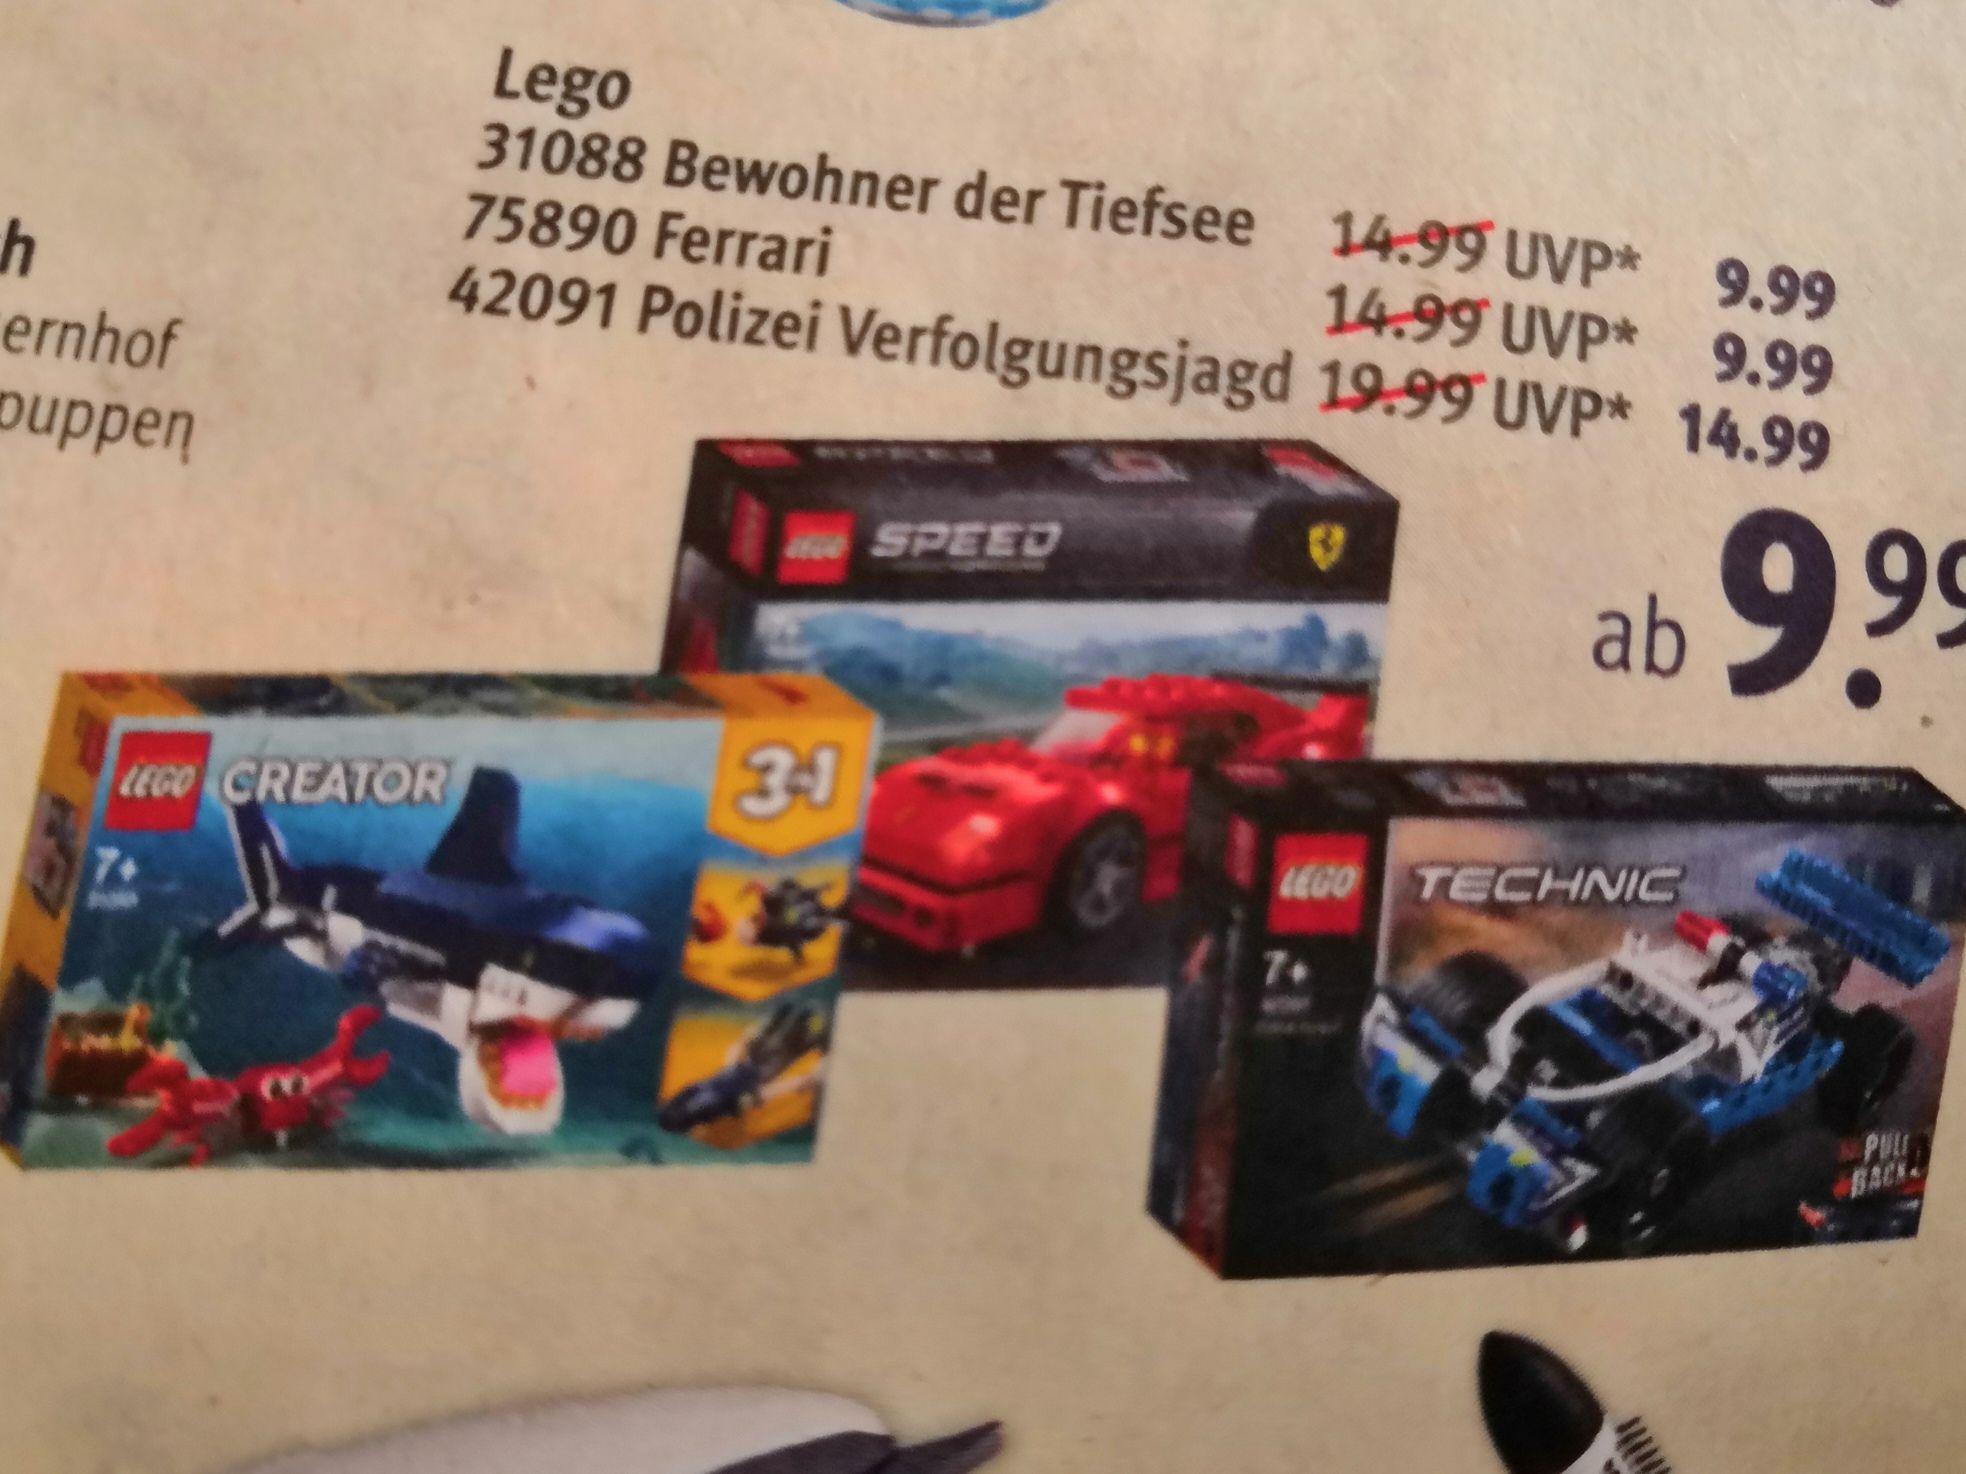 [Rossmann offline] Lego Ferrari 75890 und Lego Creator 31088